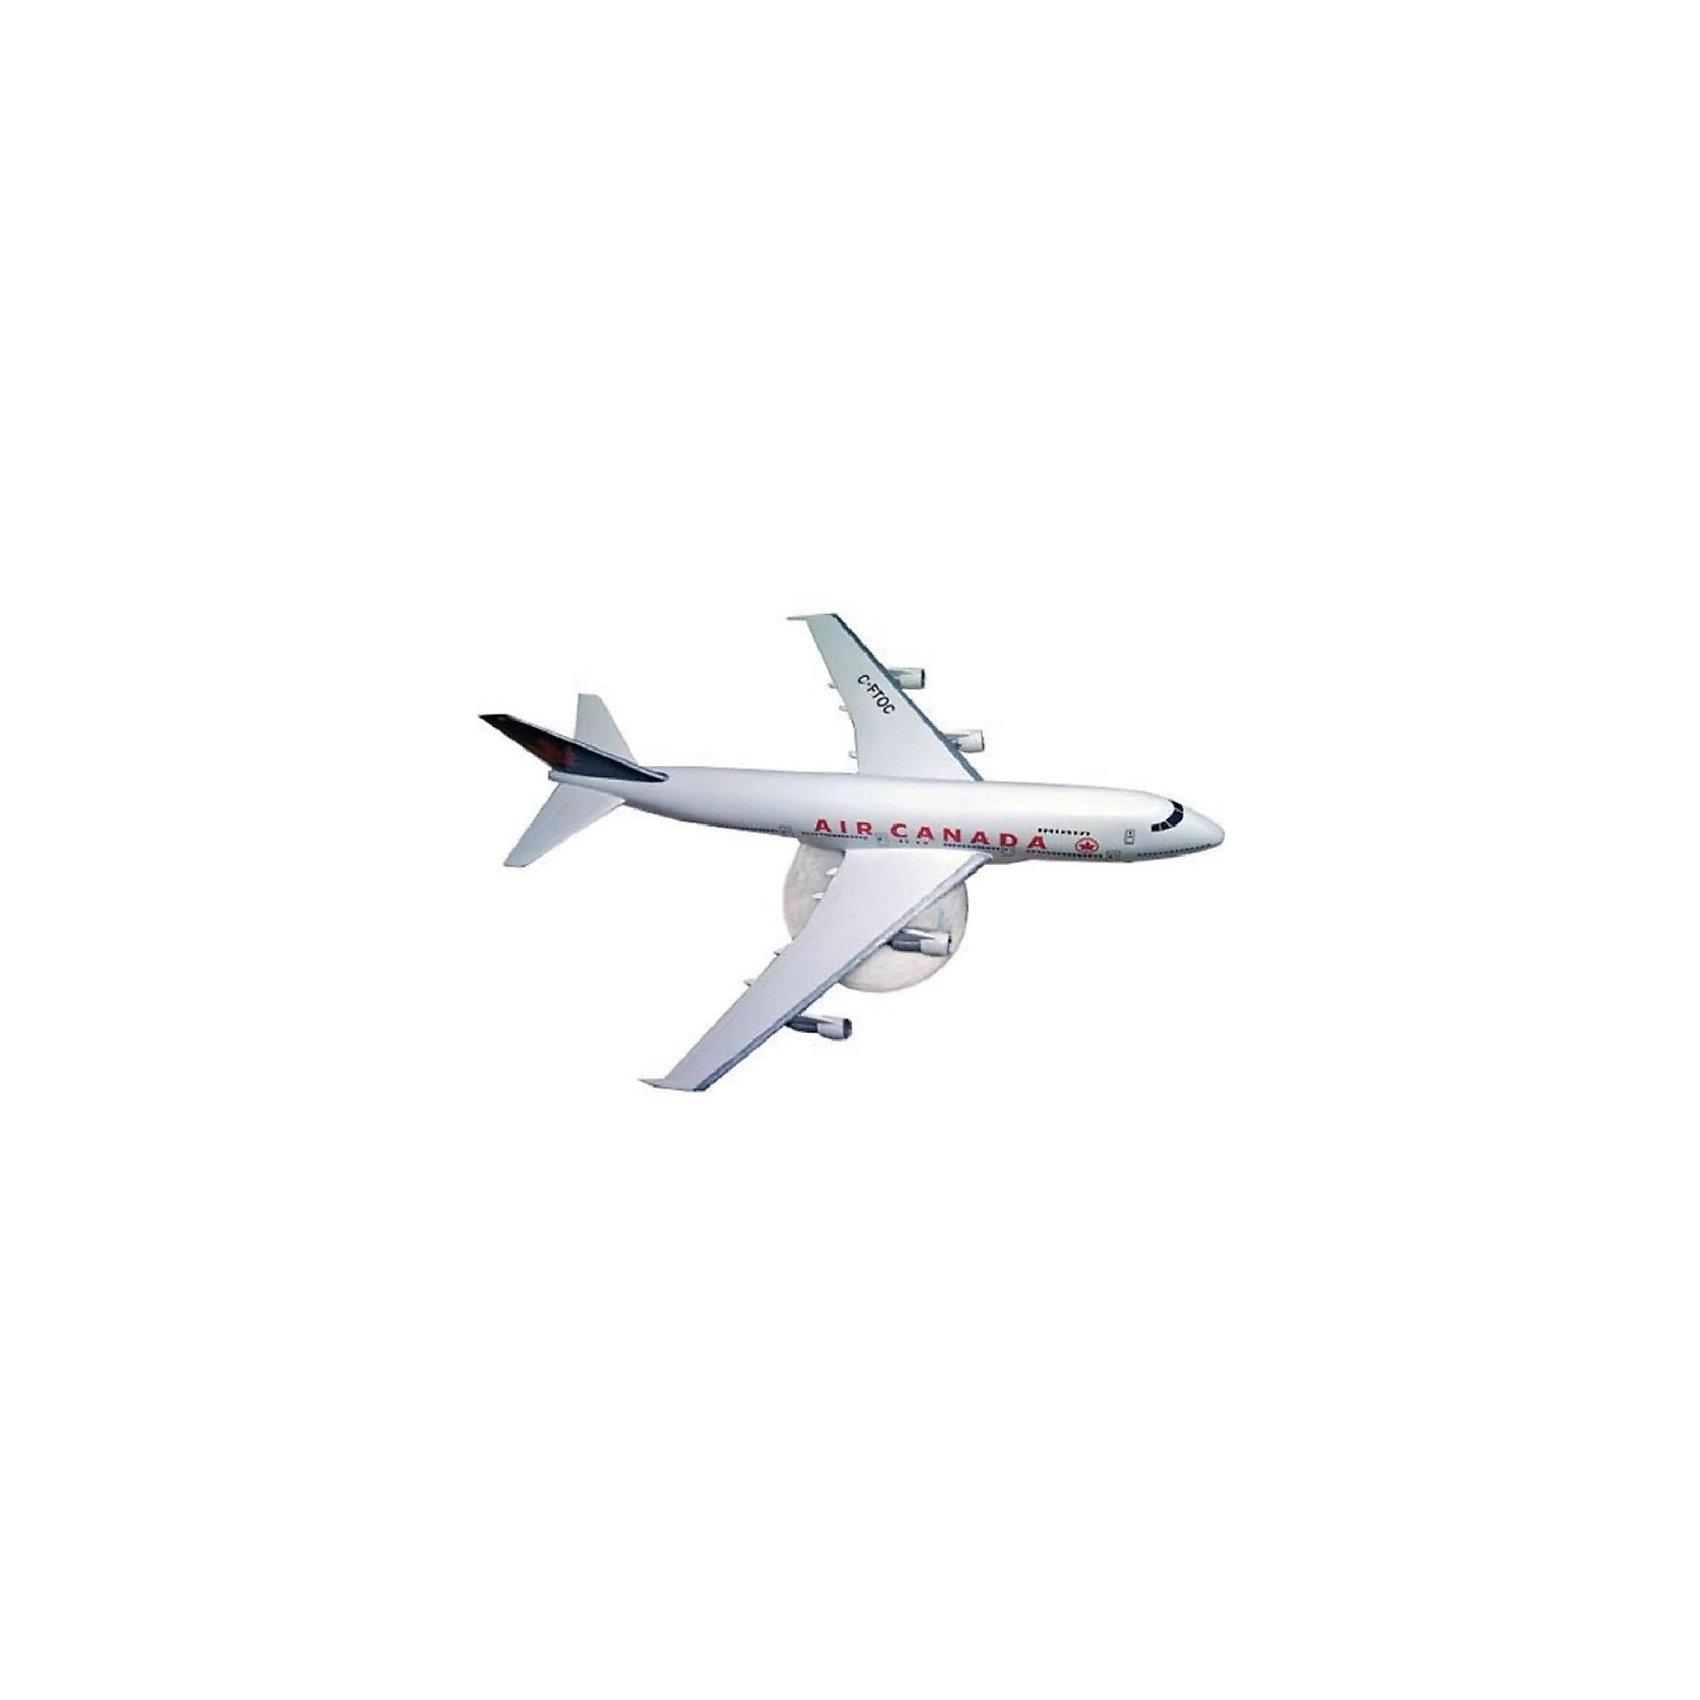 Набор Самолет Boeing 747, 1:390, (3)Модели для склеивания<br>Характеристики товара:<br><br>• возраст: от 10 лет;<br>• масштаб: 1:390;<br>• количество деталей: 60 шт;<br>• материал: пластик; <br>• клей и краски в комплект не входят;<br>• длина модели: 18,3 см;<br>• размах крыльев: 15,6 см;<br>• бренд, страна бренда: Revell (Ревел), Германия;<br>• страна-изготовитель: Польша.<br><br>Набор для сборки «Самолет Boeing 747» поможет вам и вашему ребенку придумать увлекательное занятие на долгое время и весело провести свой досуг. <br><br>Модель самолета, изготовленная в масштабе 1:390. Данная модель собирается из 60 пластиковых деталей и относится к третьему уровню сложности сборки из пяти существующих. В комплект набора также включены необходимые для осуществления сборки клей, кисточка и краски 3-ех цветов. В упаковку вложена подробная инструкция.<br><br>Процесс сборки развивает интеллектуальные и инструментальные способности, воображение и конструктивное мышление, а также прививает практические навыки работы со схемами и чертежами. <br><br>Набор для сборки «Самолет Boeing 747», 42 дет., Revell (Ревел) можно купить в нашем интернет-магазине.<br><br>Ширина мм: 270<br>Глубина мм: 230<br>Высота мм: 33<br>Вес г: 317<br>Возраст от месяцев: 144<br>Возраст до месяцев: 1188<br>Пол: Мужской<br>Возраст: Детский<br>SKU: 2149879